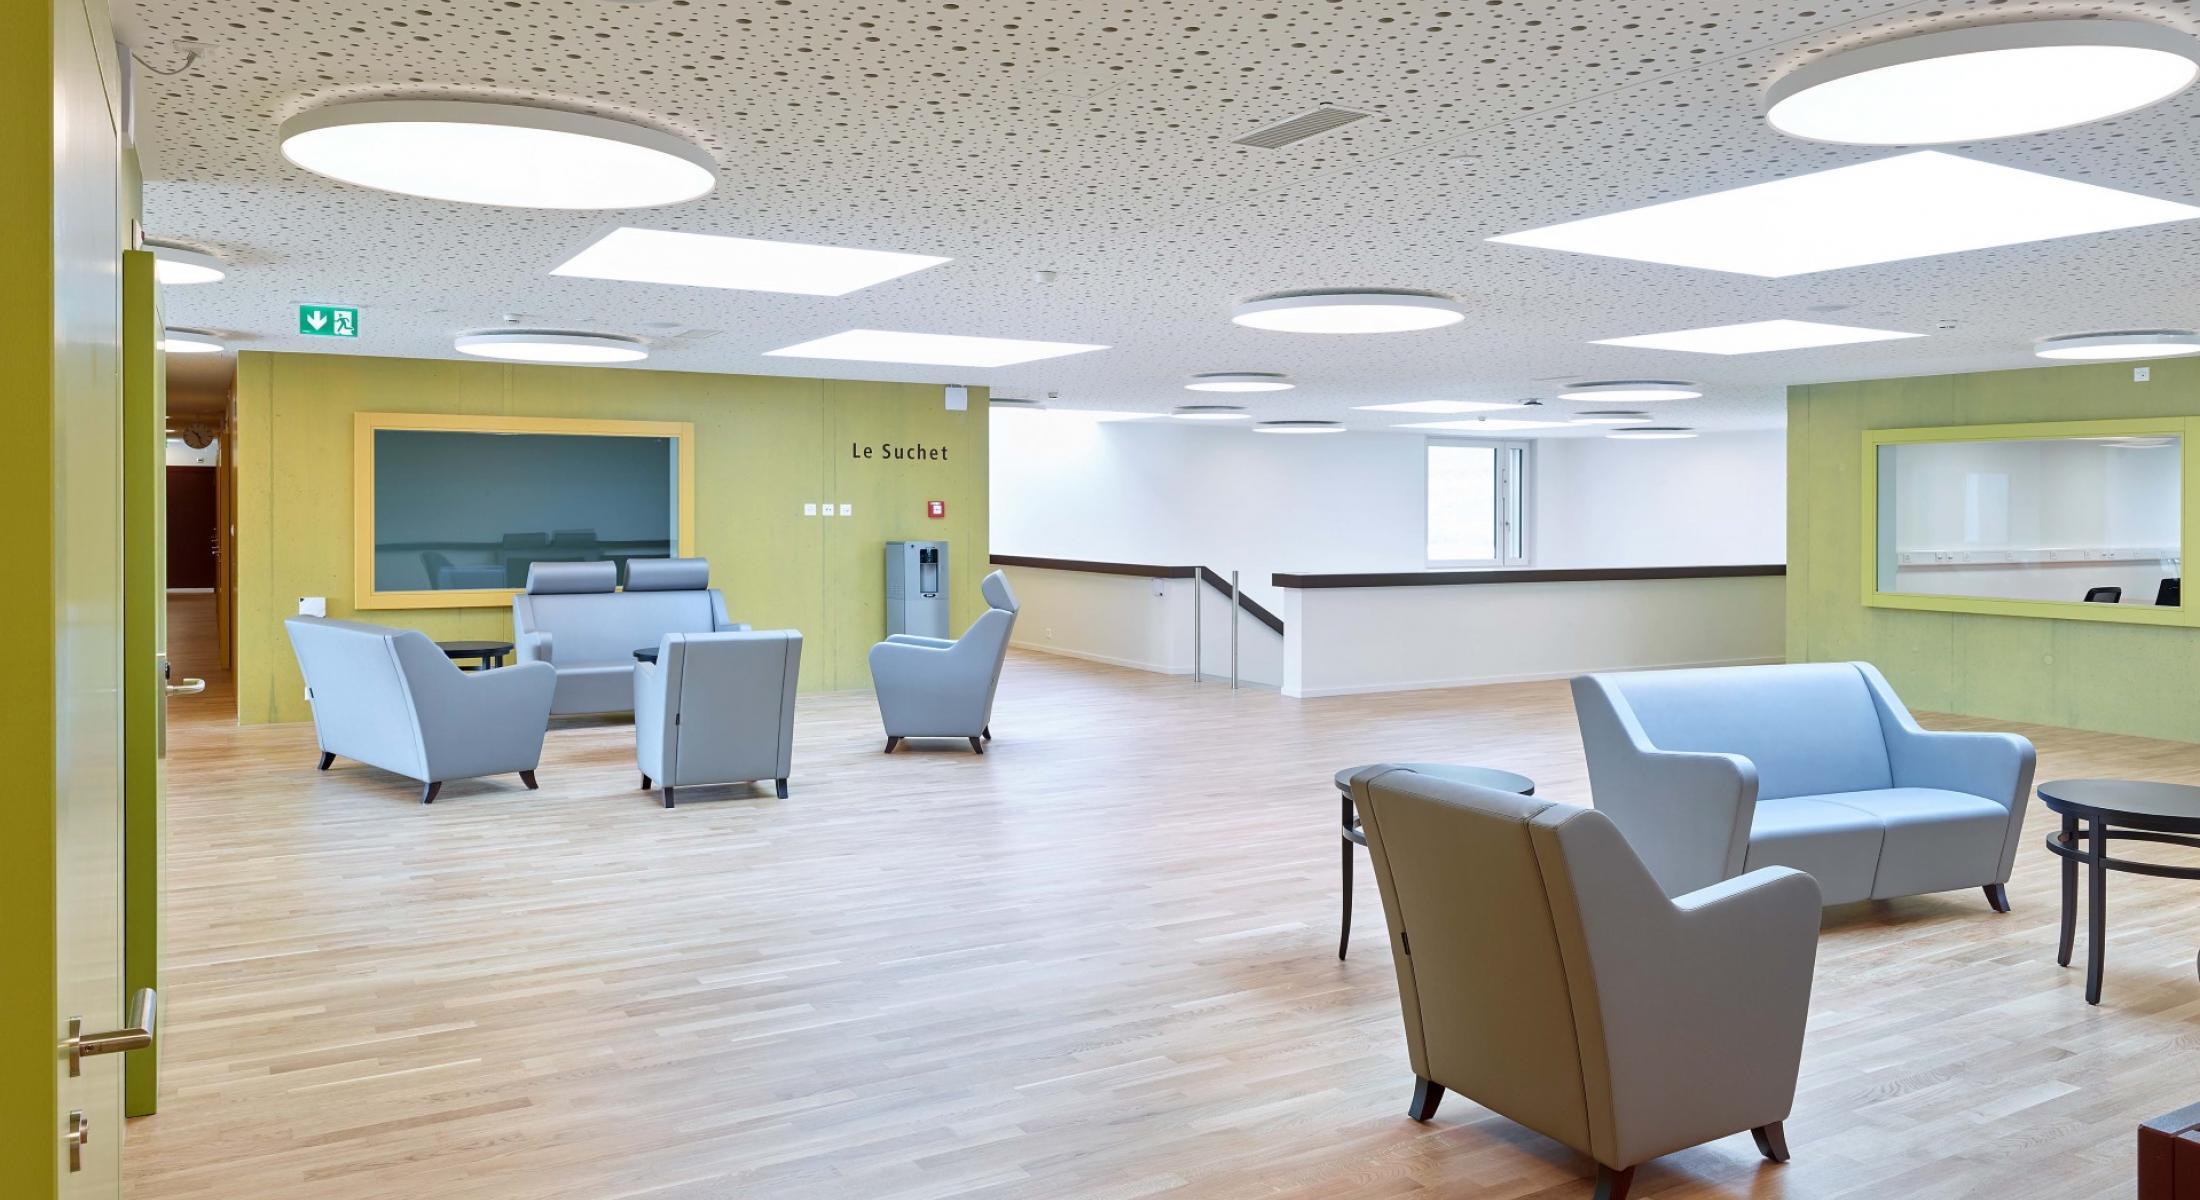 Creating Hospitality - EMS L'Arbre de Vie Sainte-Croix 2 - Suisse _ LR_23